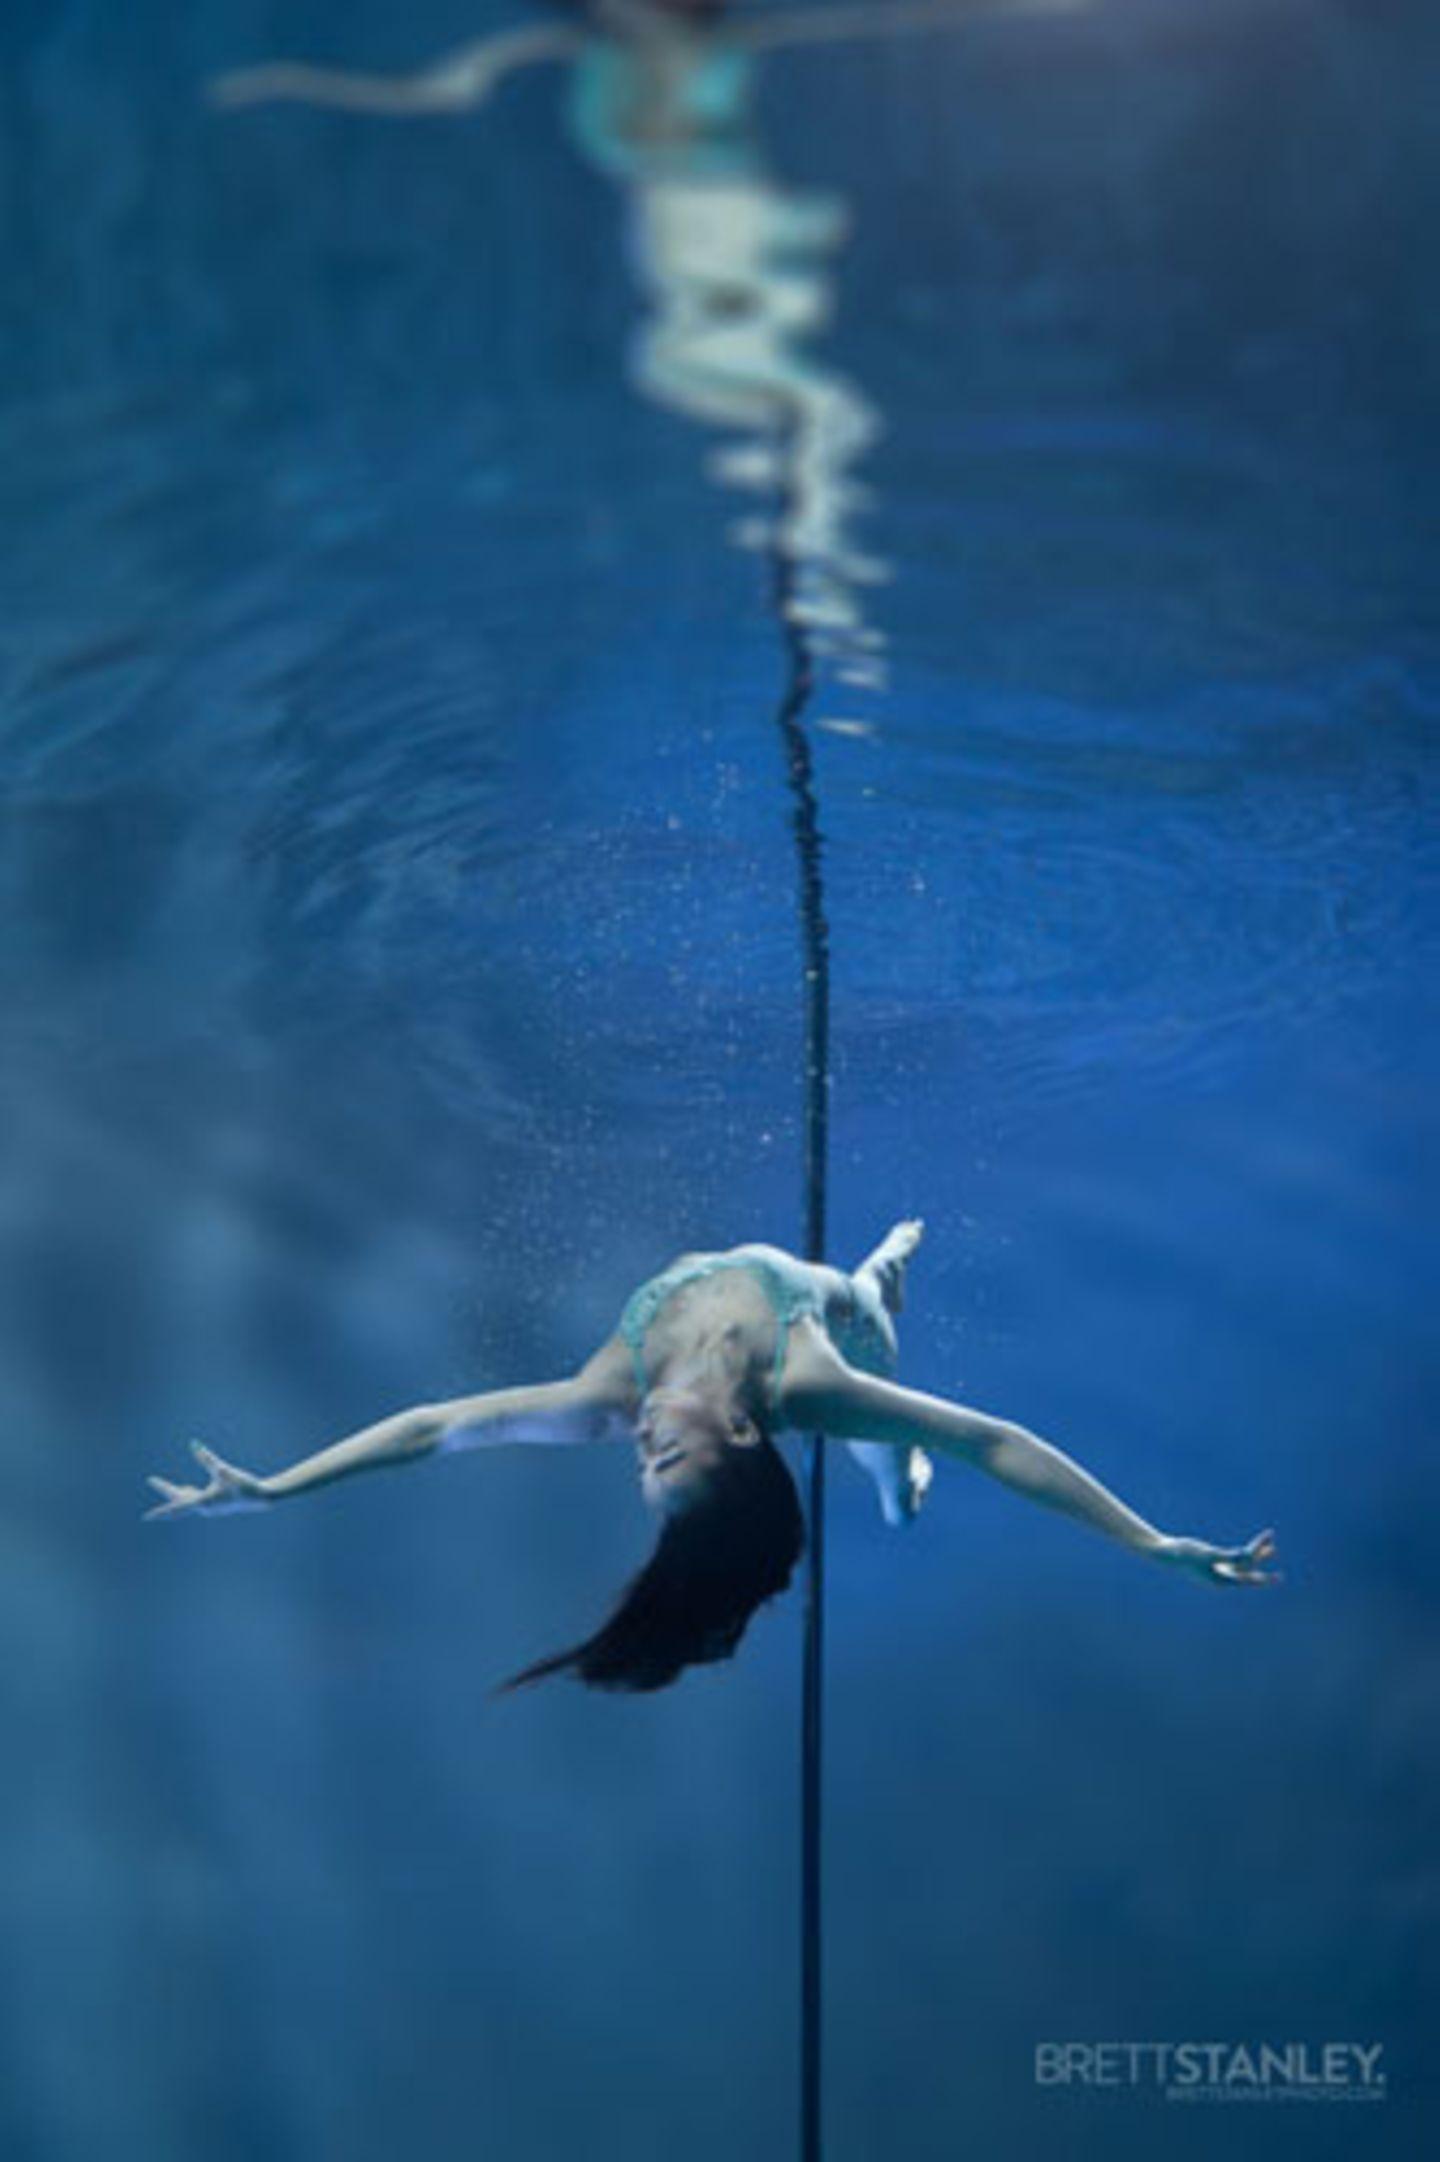 Wer sich im Pole Dance ausprobieren möchte, kann zum Beispiel bei der erfahrenen Trainerin Nele Sehrt, Inhaberin des Aerial Dance Center in Hamburg, einen Workshop buchen.